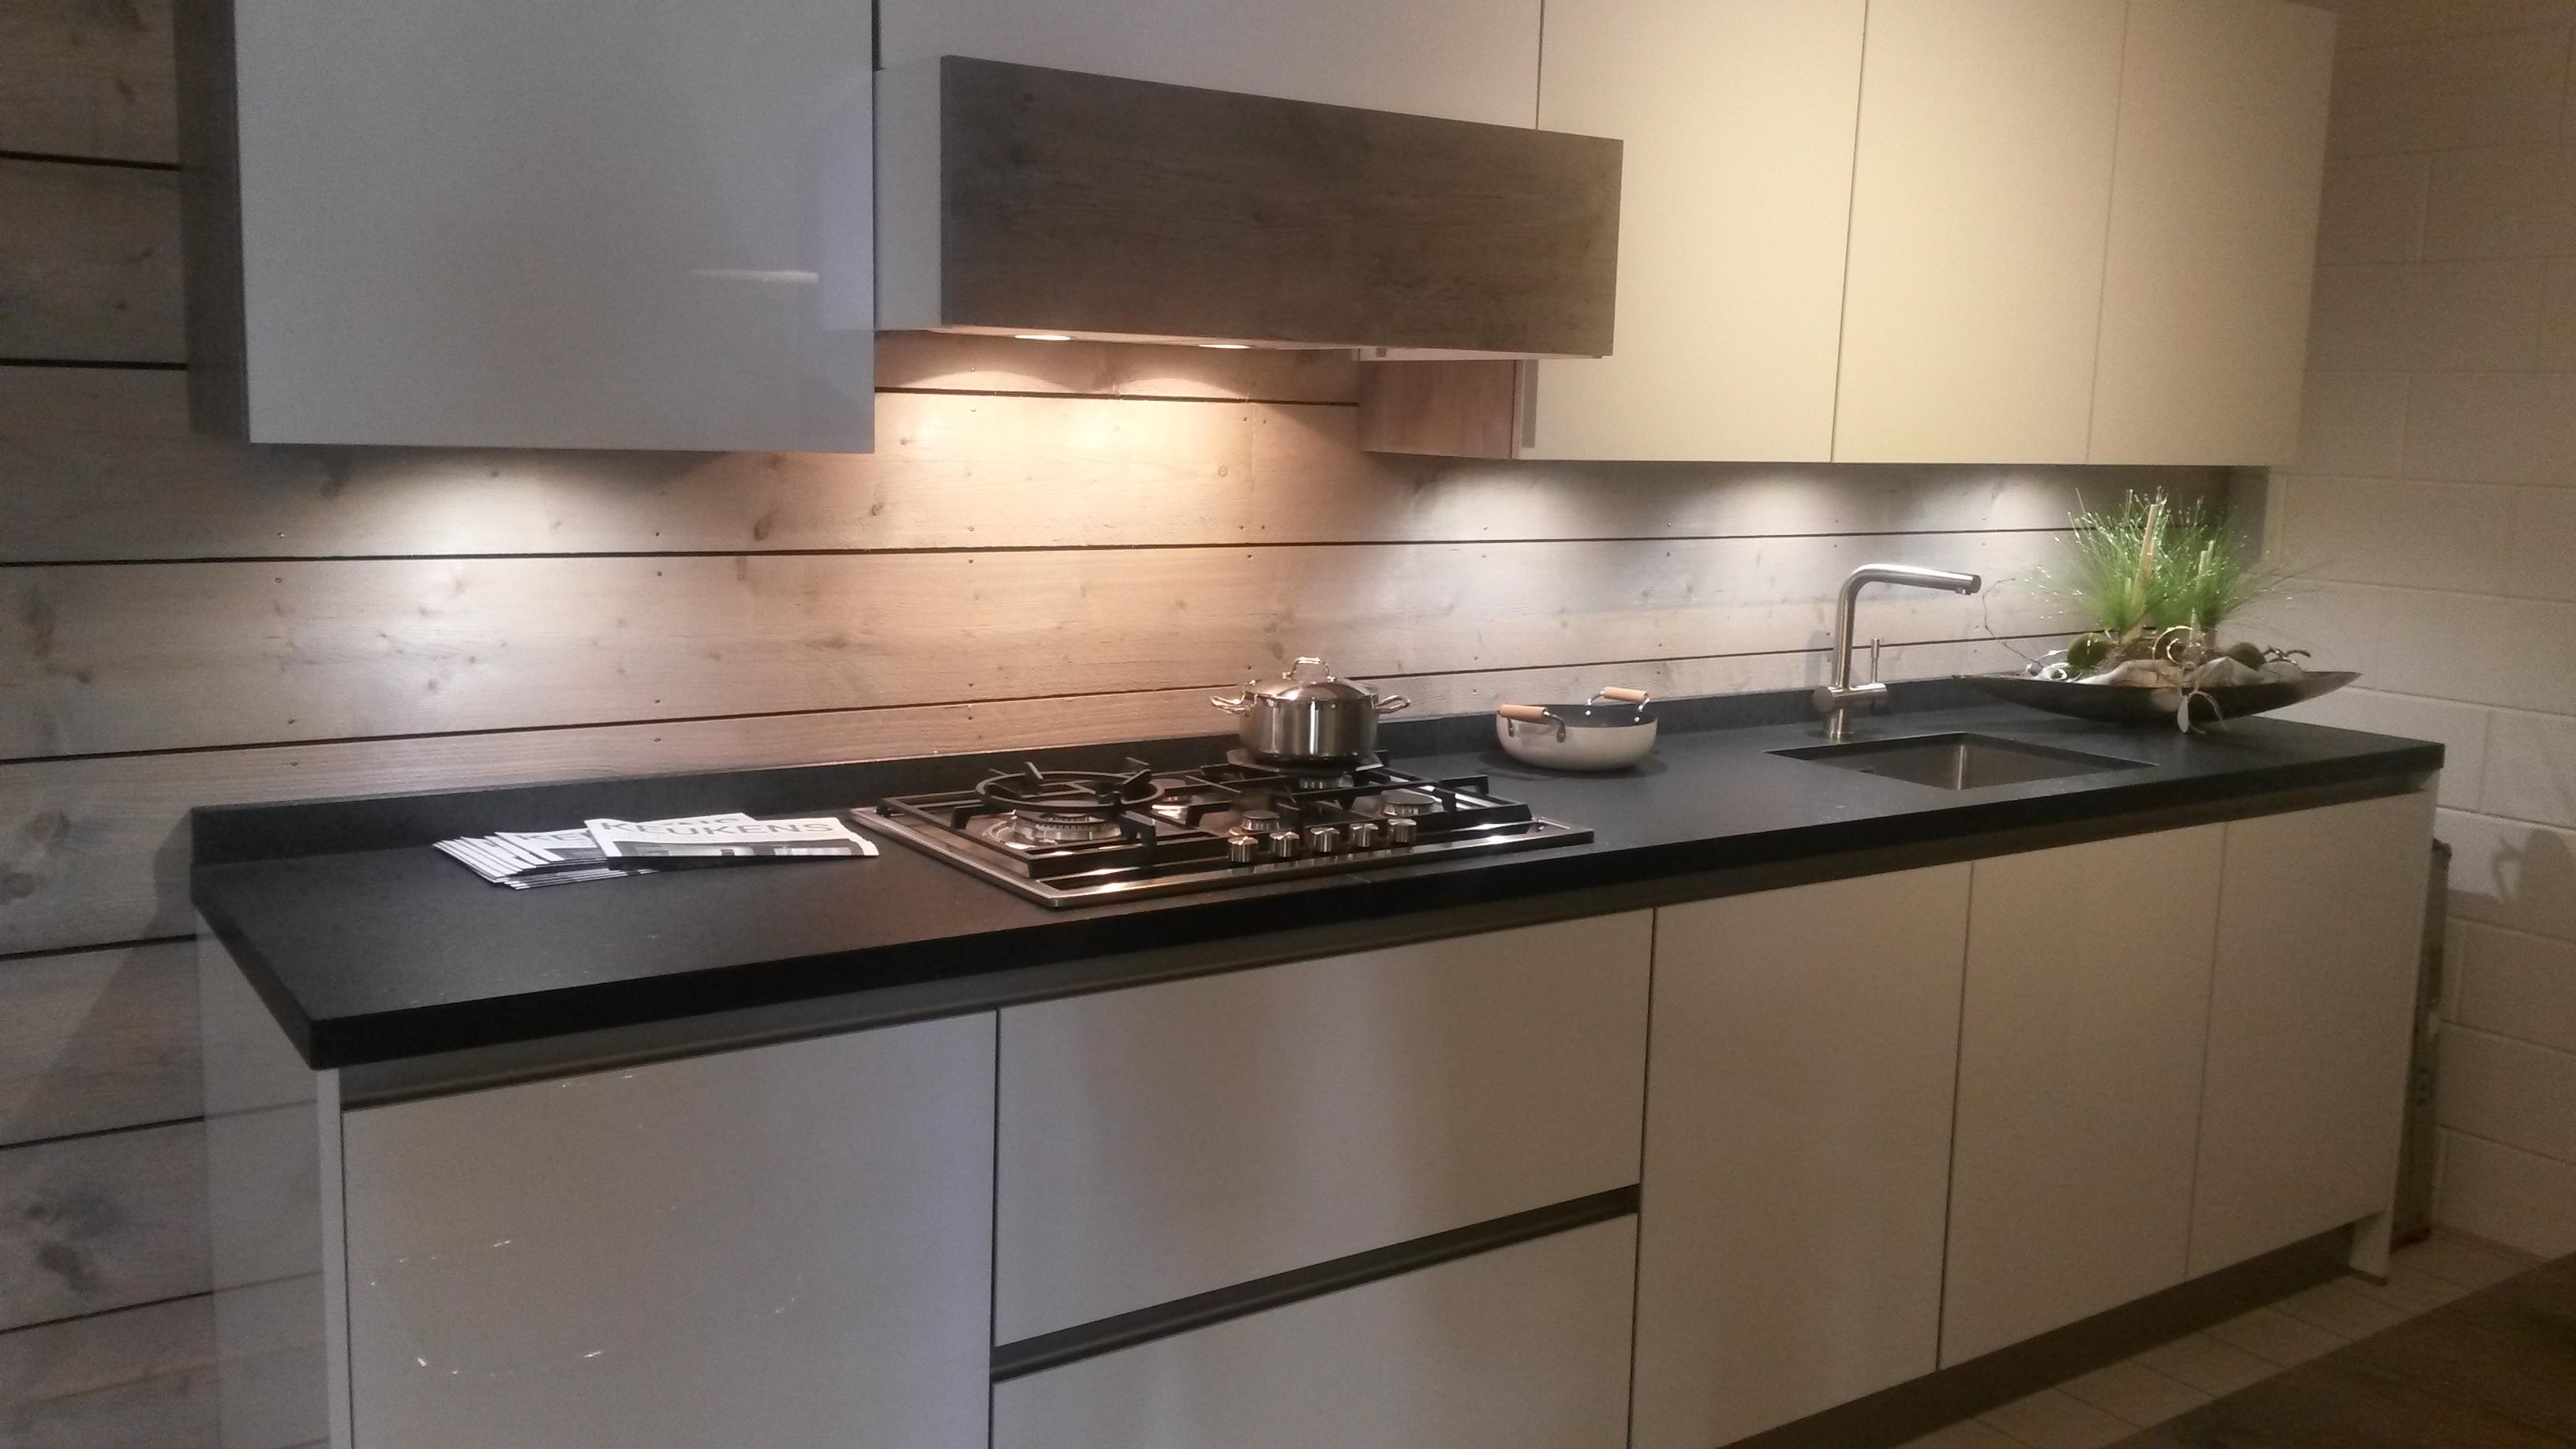 Moderne Greeploze Keuken : Kroonkeukens leverancier van kwaliteitskeukens in noord holland